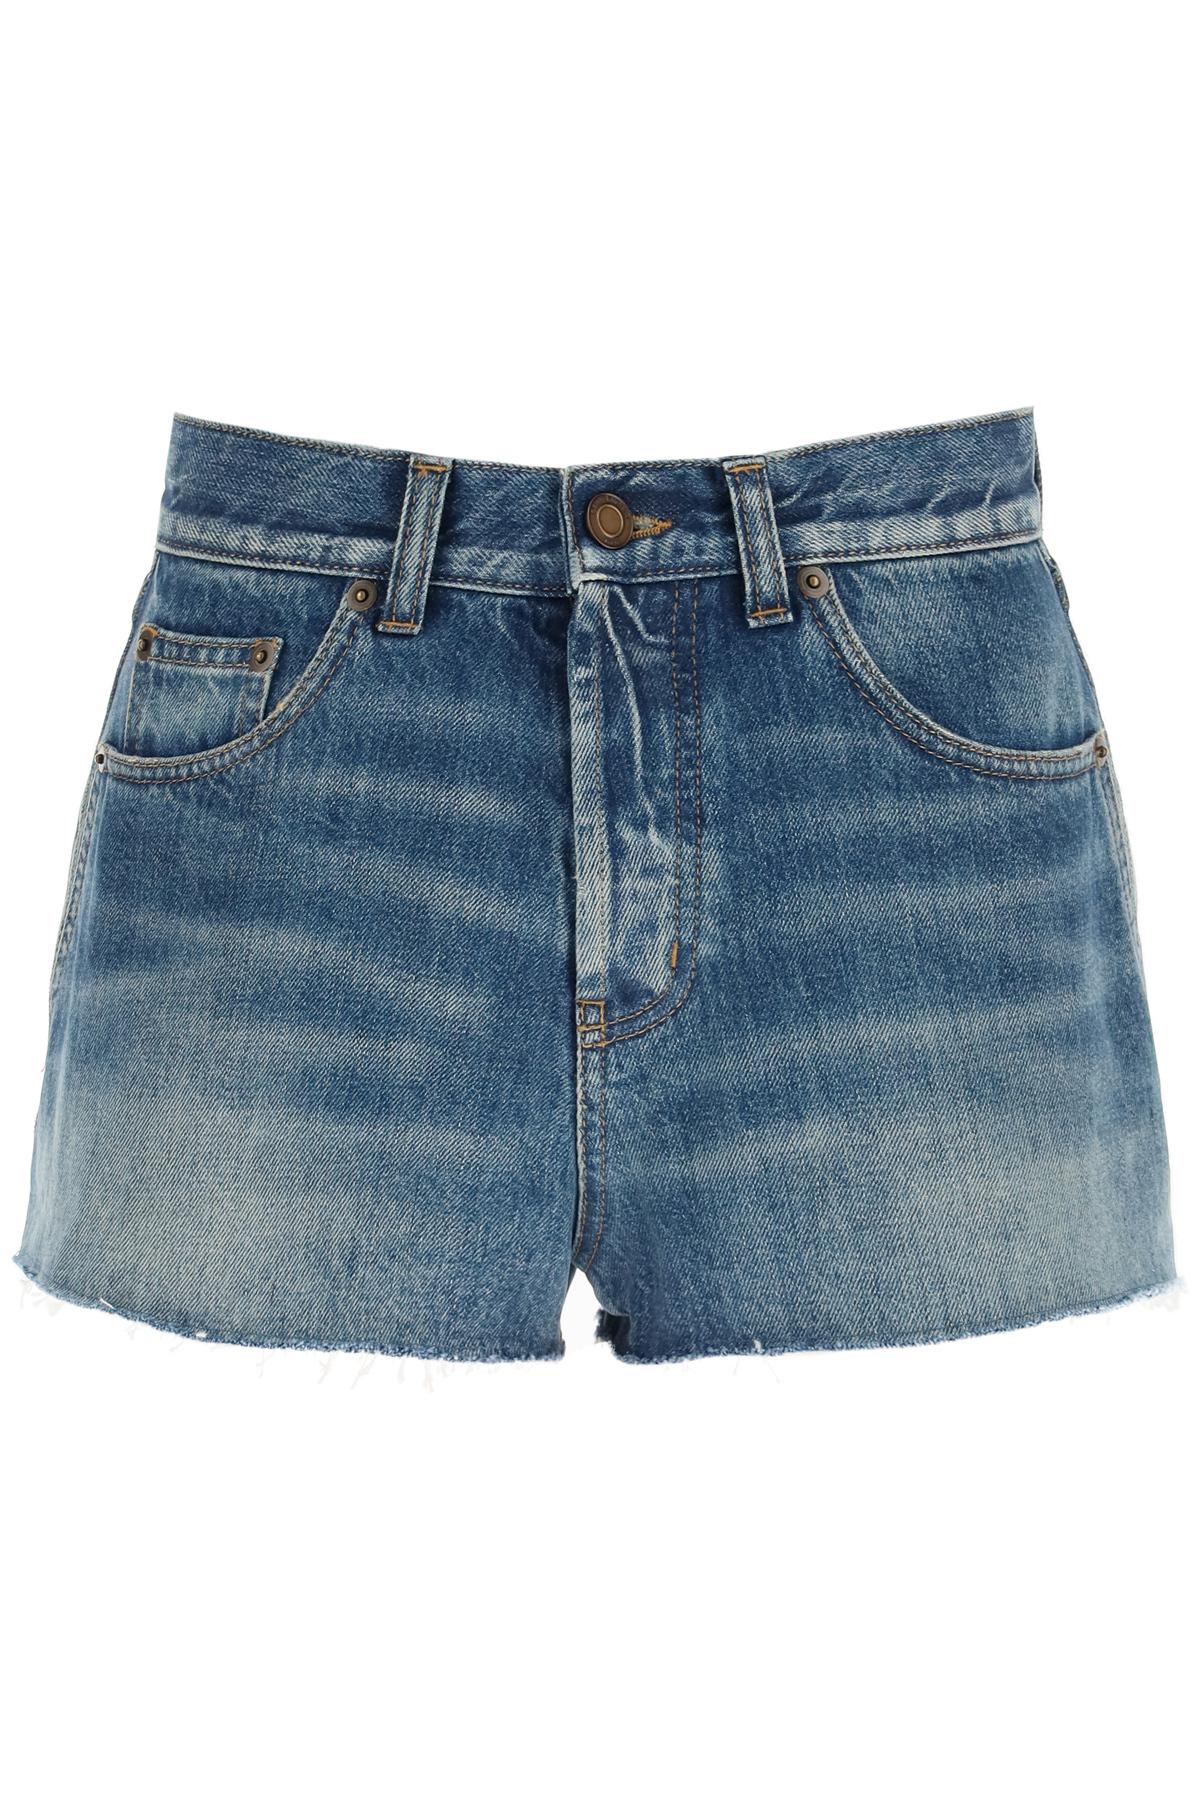 Saint laurent shorts in denim